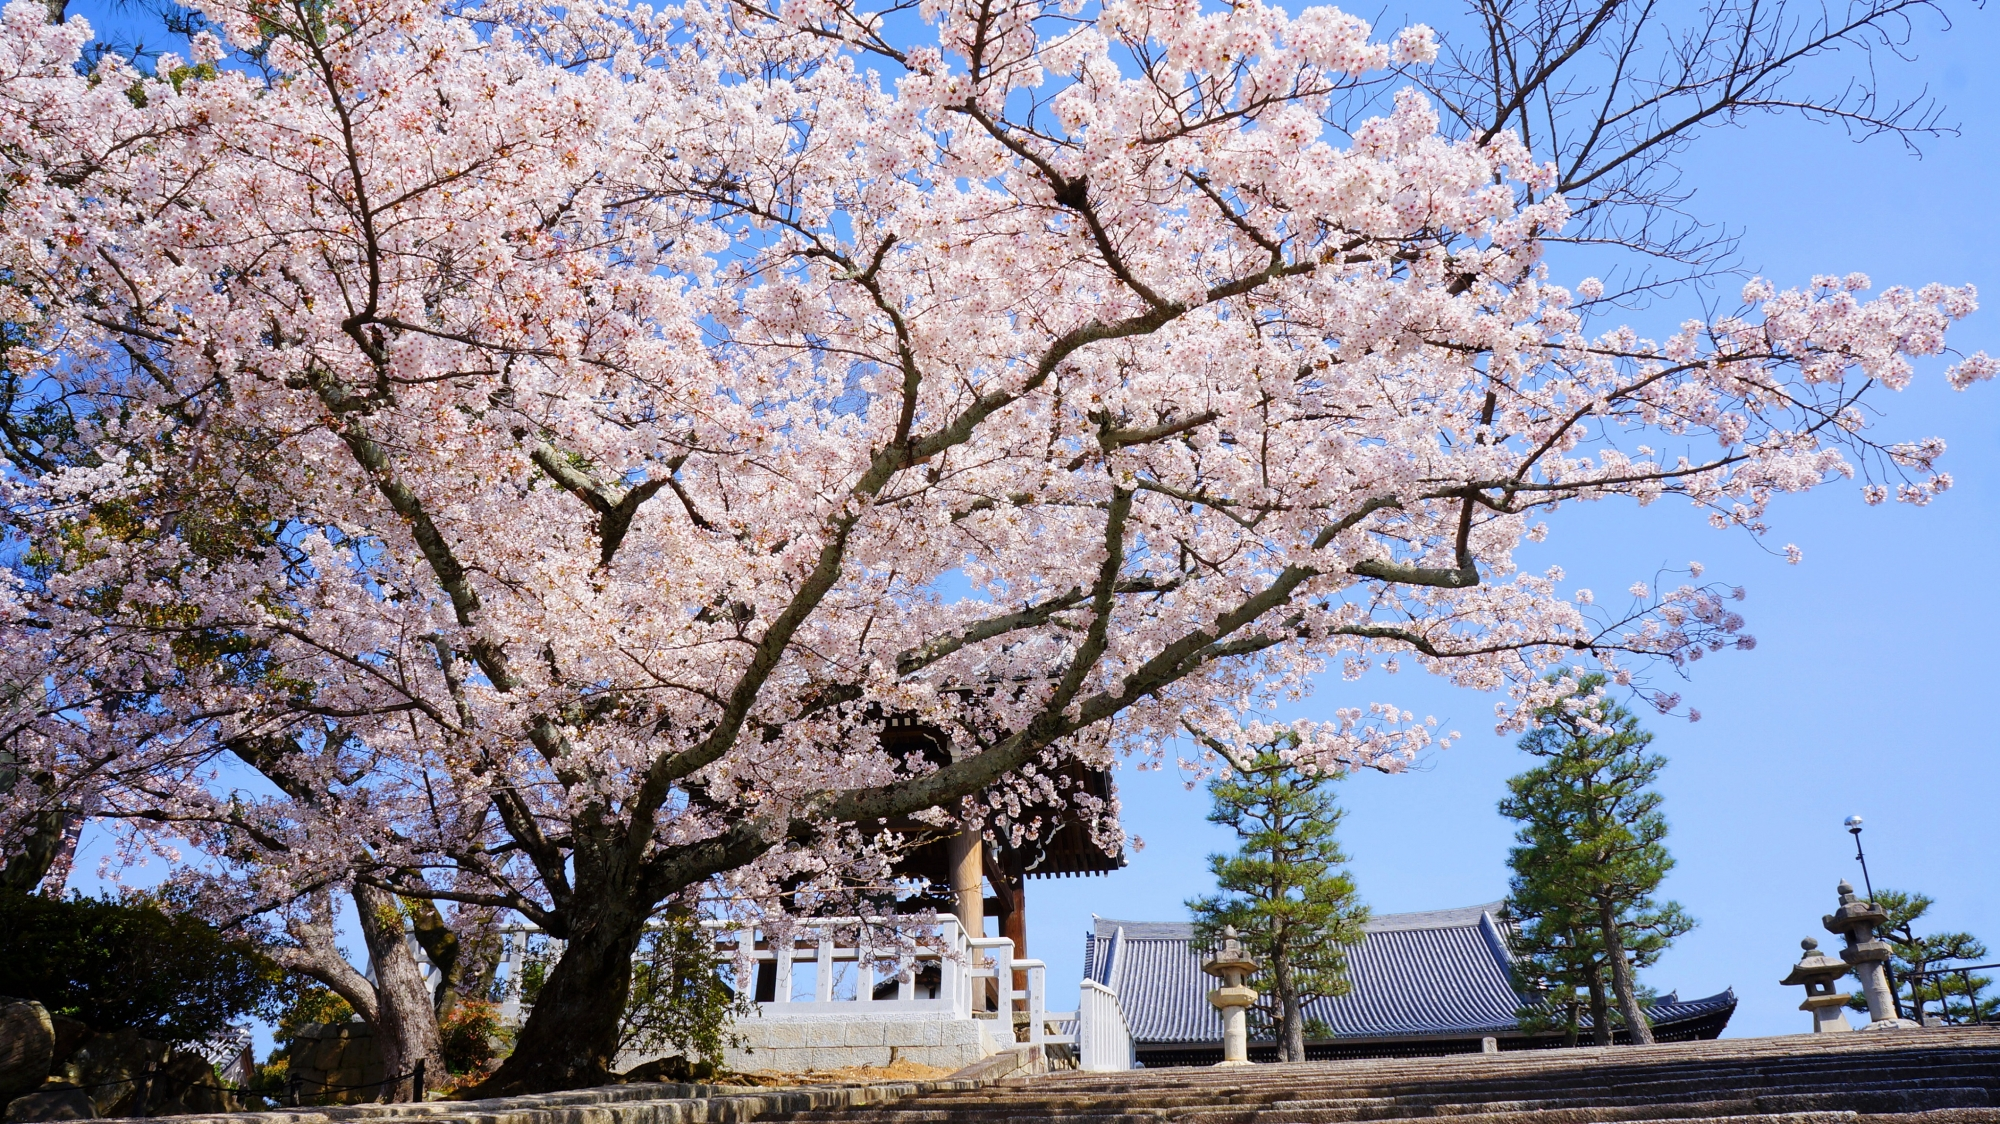 御影堂と石段を華やかに彩る桜